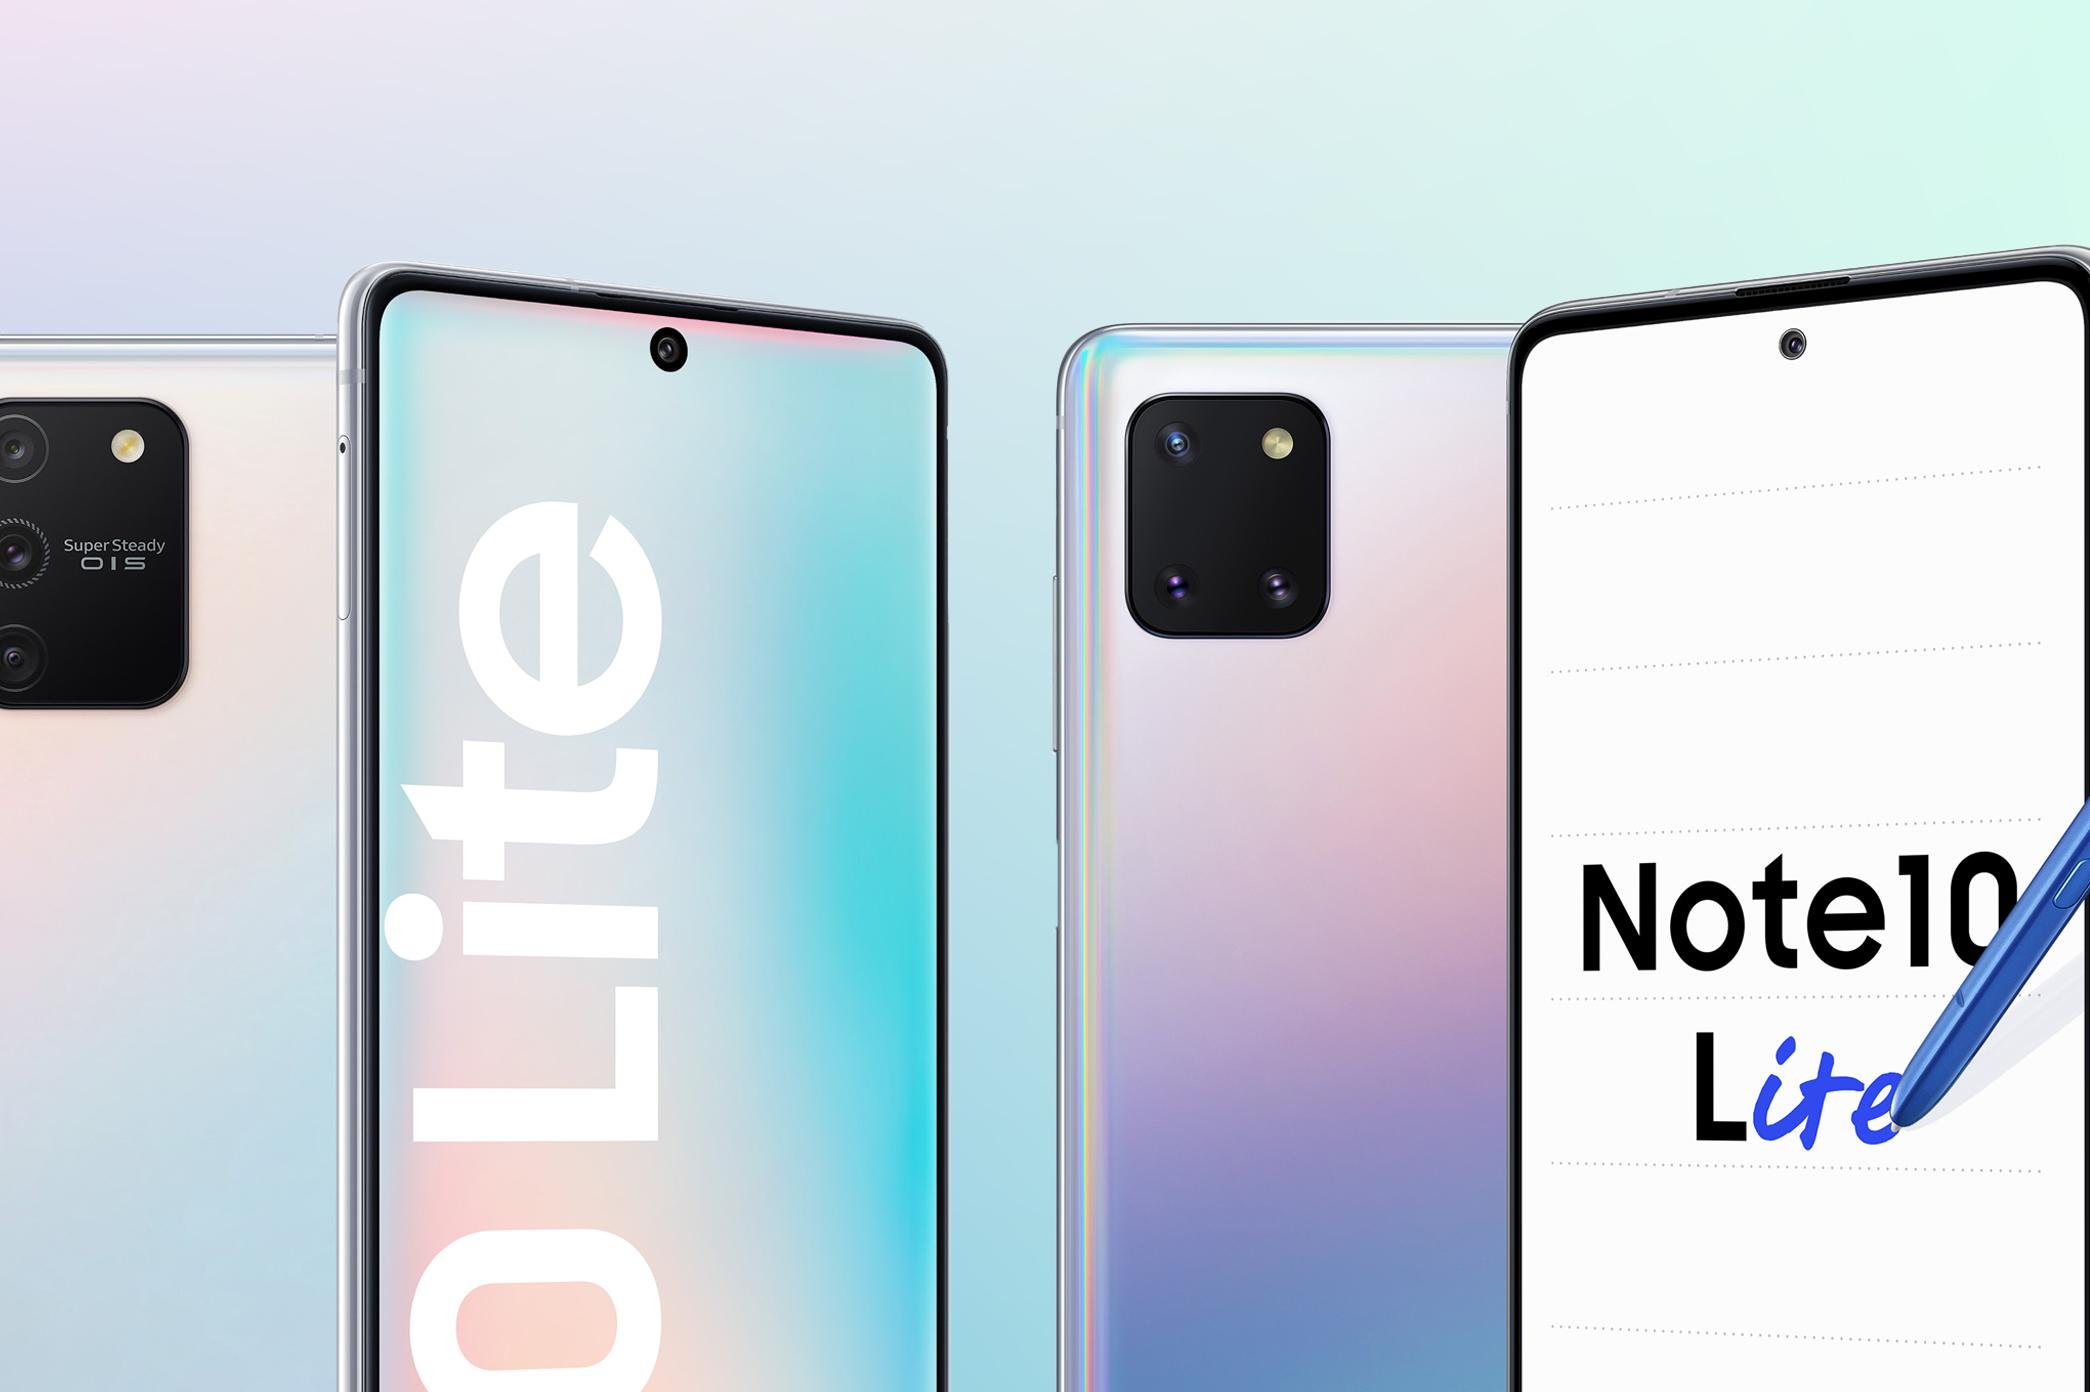 Galaxy S10 Lite vs Galaxy Note 10 Lite: How do the specs compare? -  SamMobile